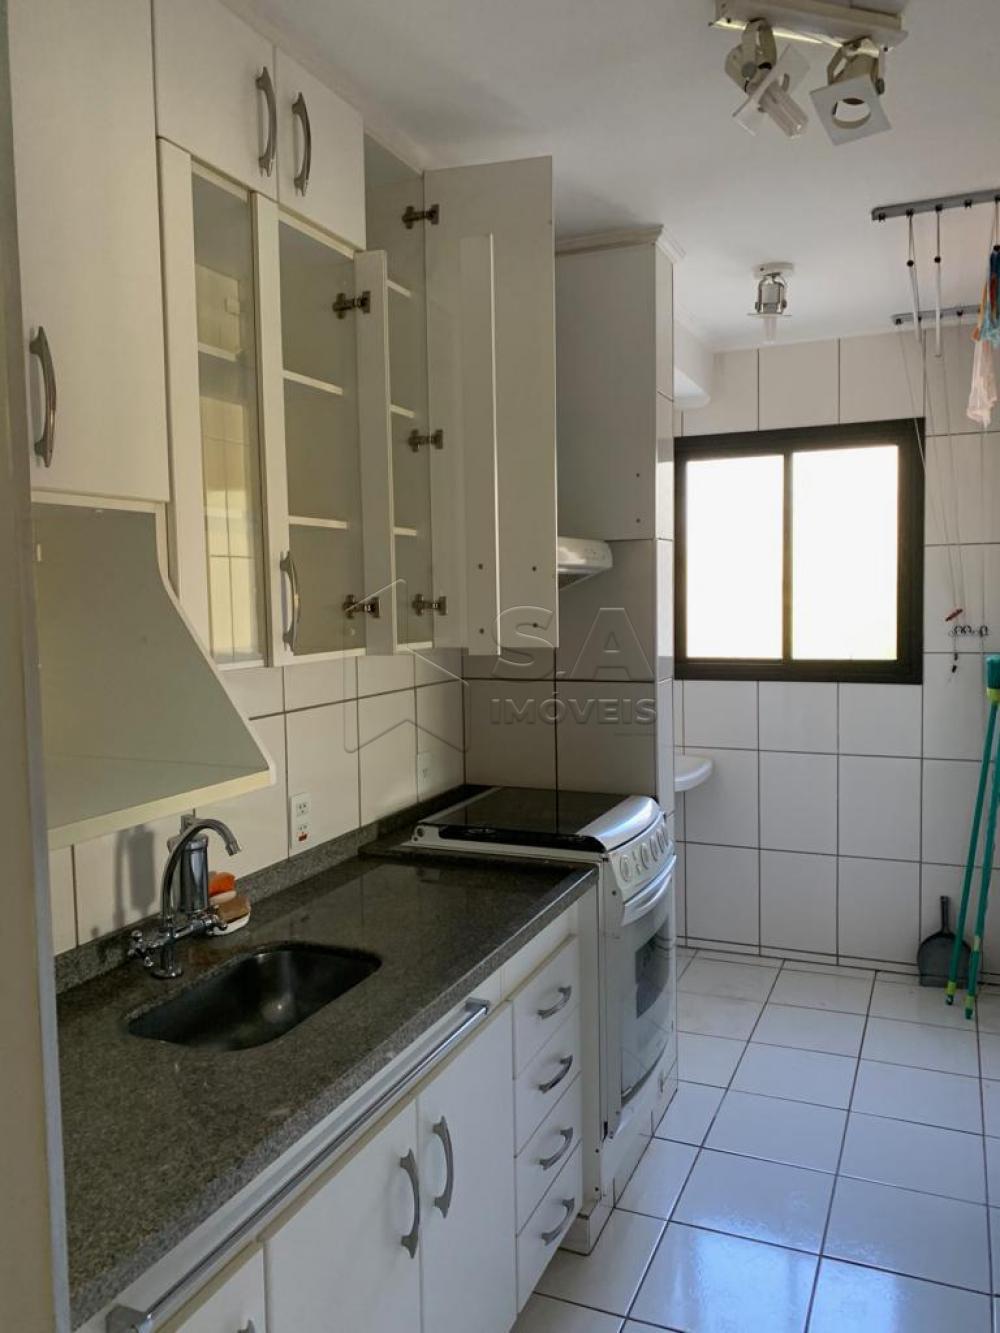 Comprar Apartamento / Padrão em São Carlos apenas R$ 300.000,00 - Foto 3